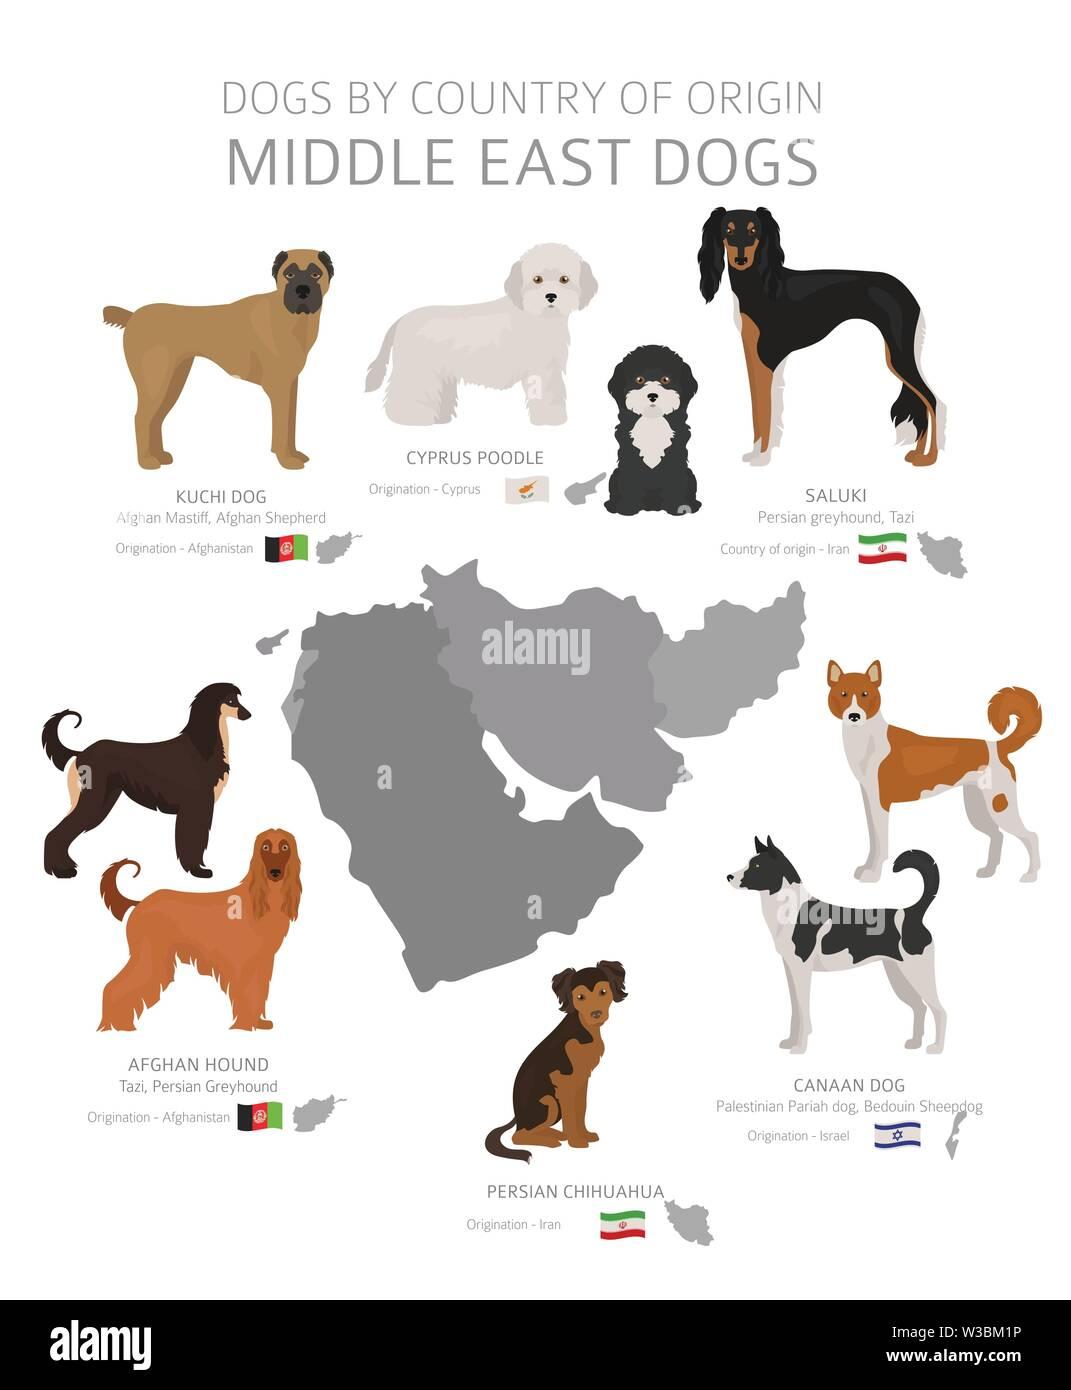 Hunde nach Herkunftsland. Naher Osten Hunderassen. Hirten, Jagd, Hüten, Spielzeug, Arbeiten und Service Hunde eingestellt. Vector Illustration Stockbild